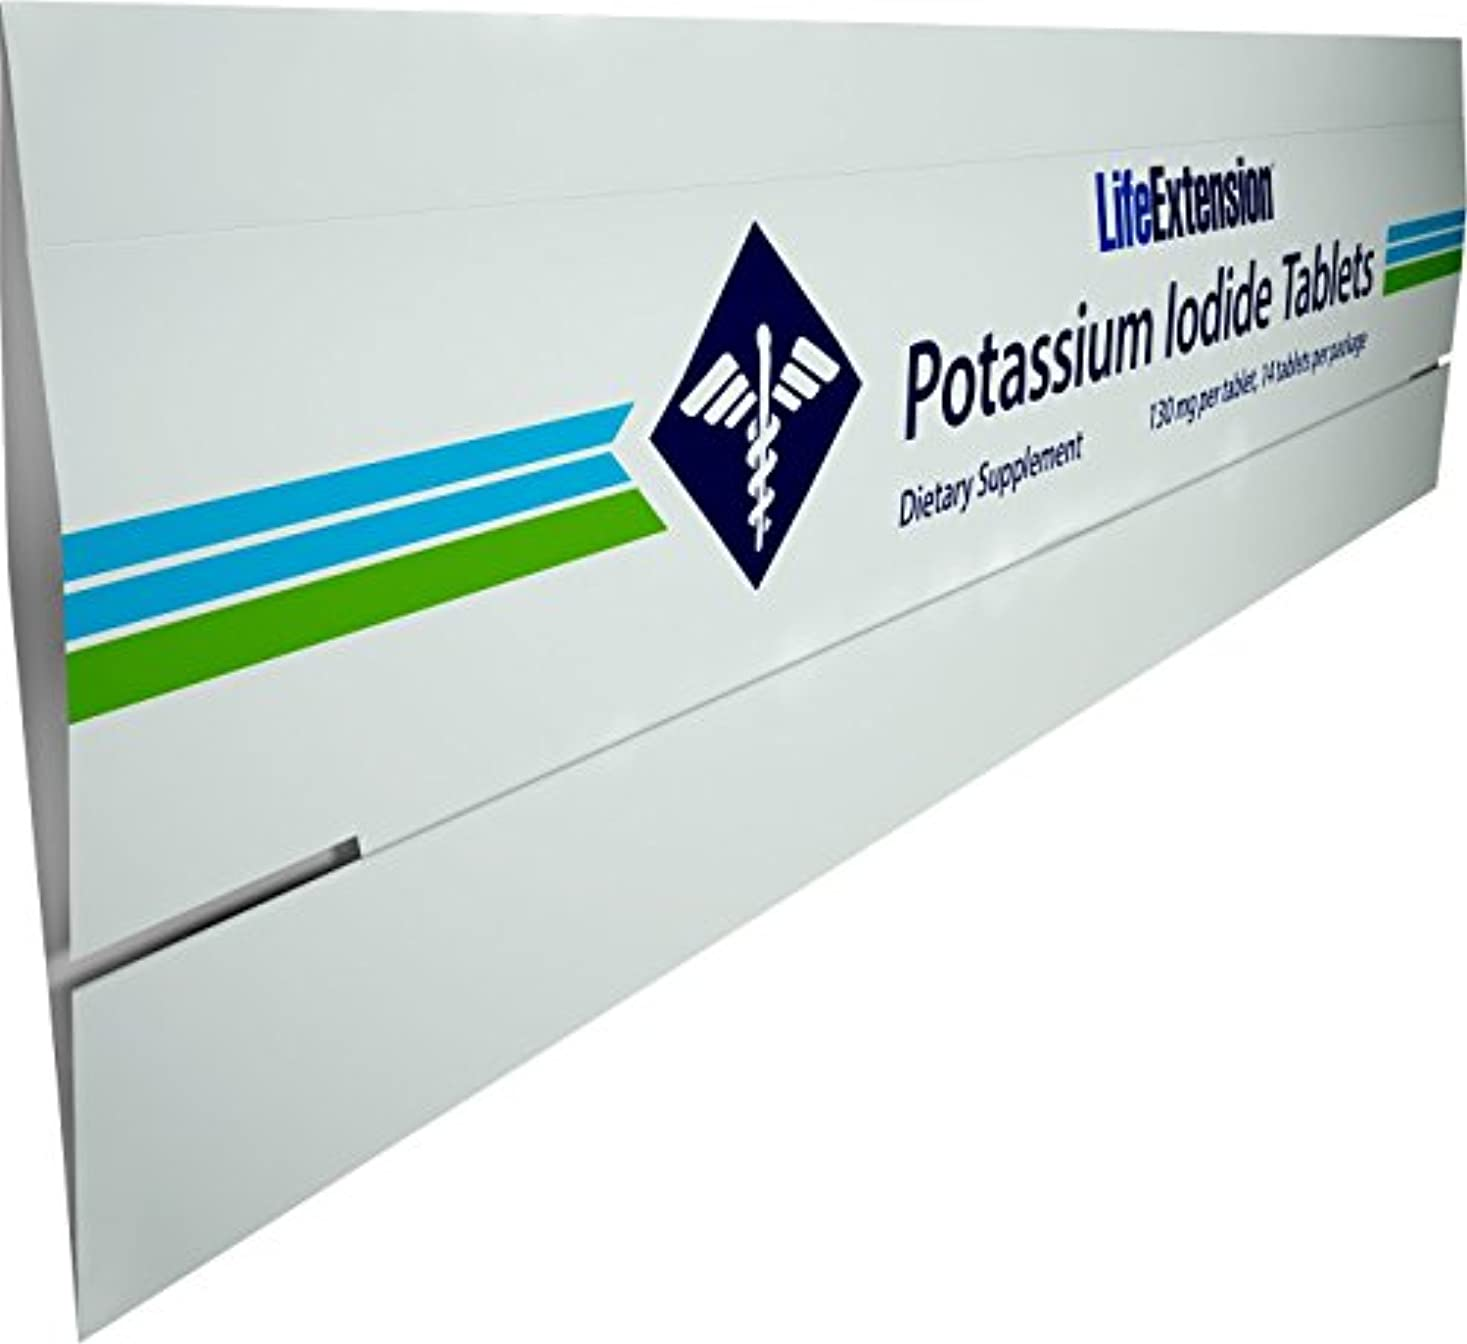 オフェンス控えめな主権者【短期間用:ヨウ化カリウム】 Life Extension - Potassium Iodide Tablets 130 mg - 14錠  ~海外直送品~